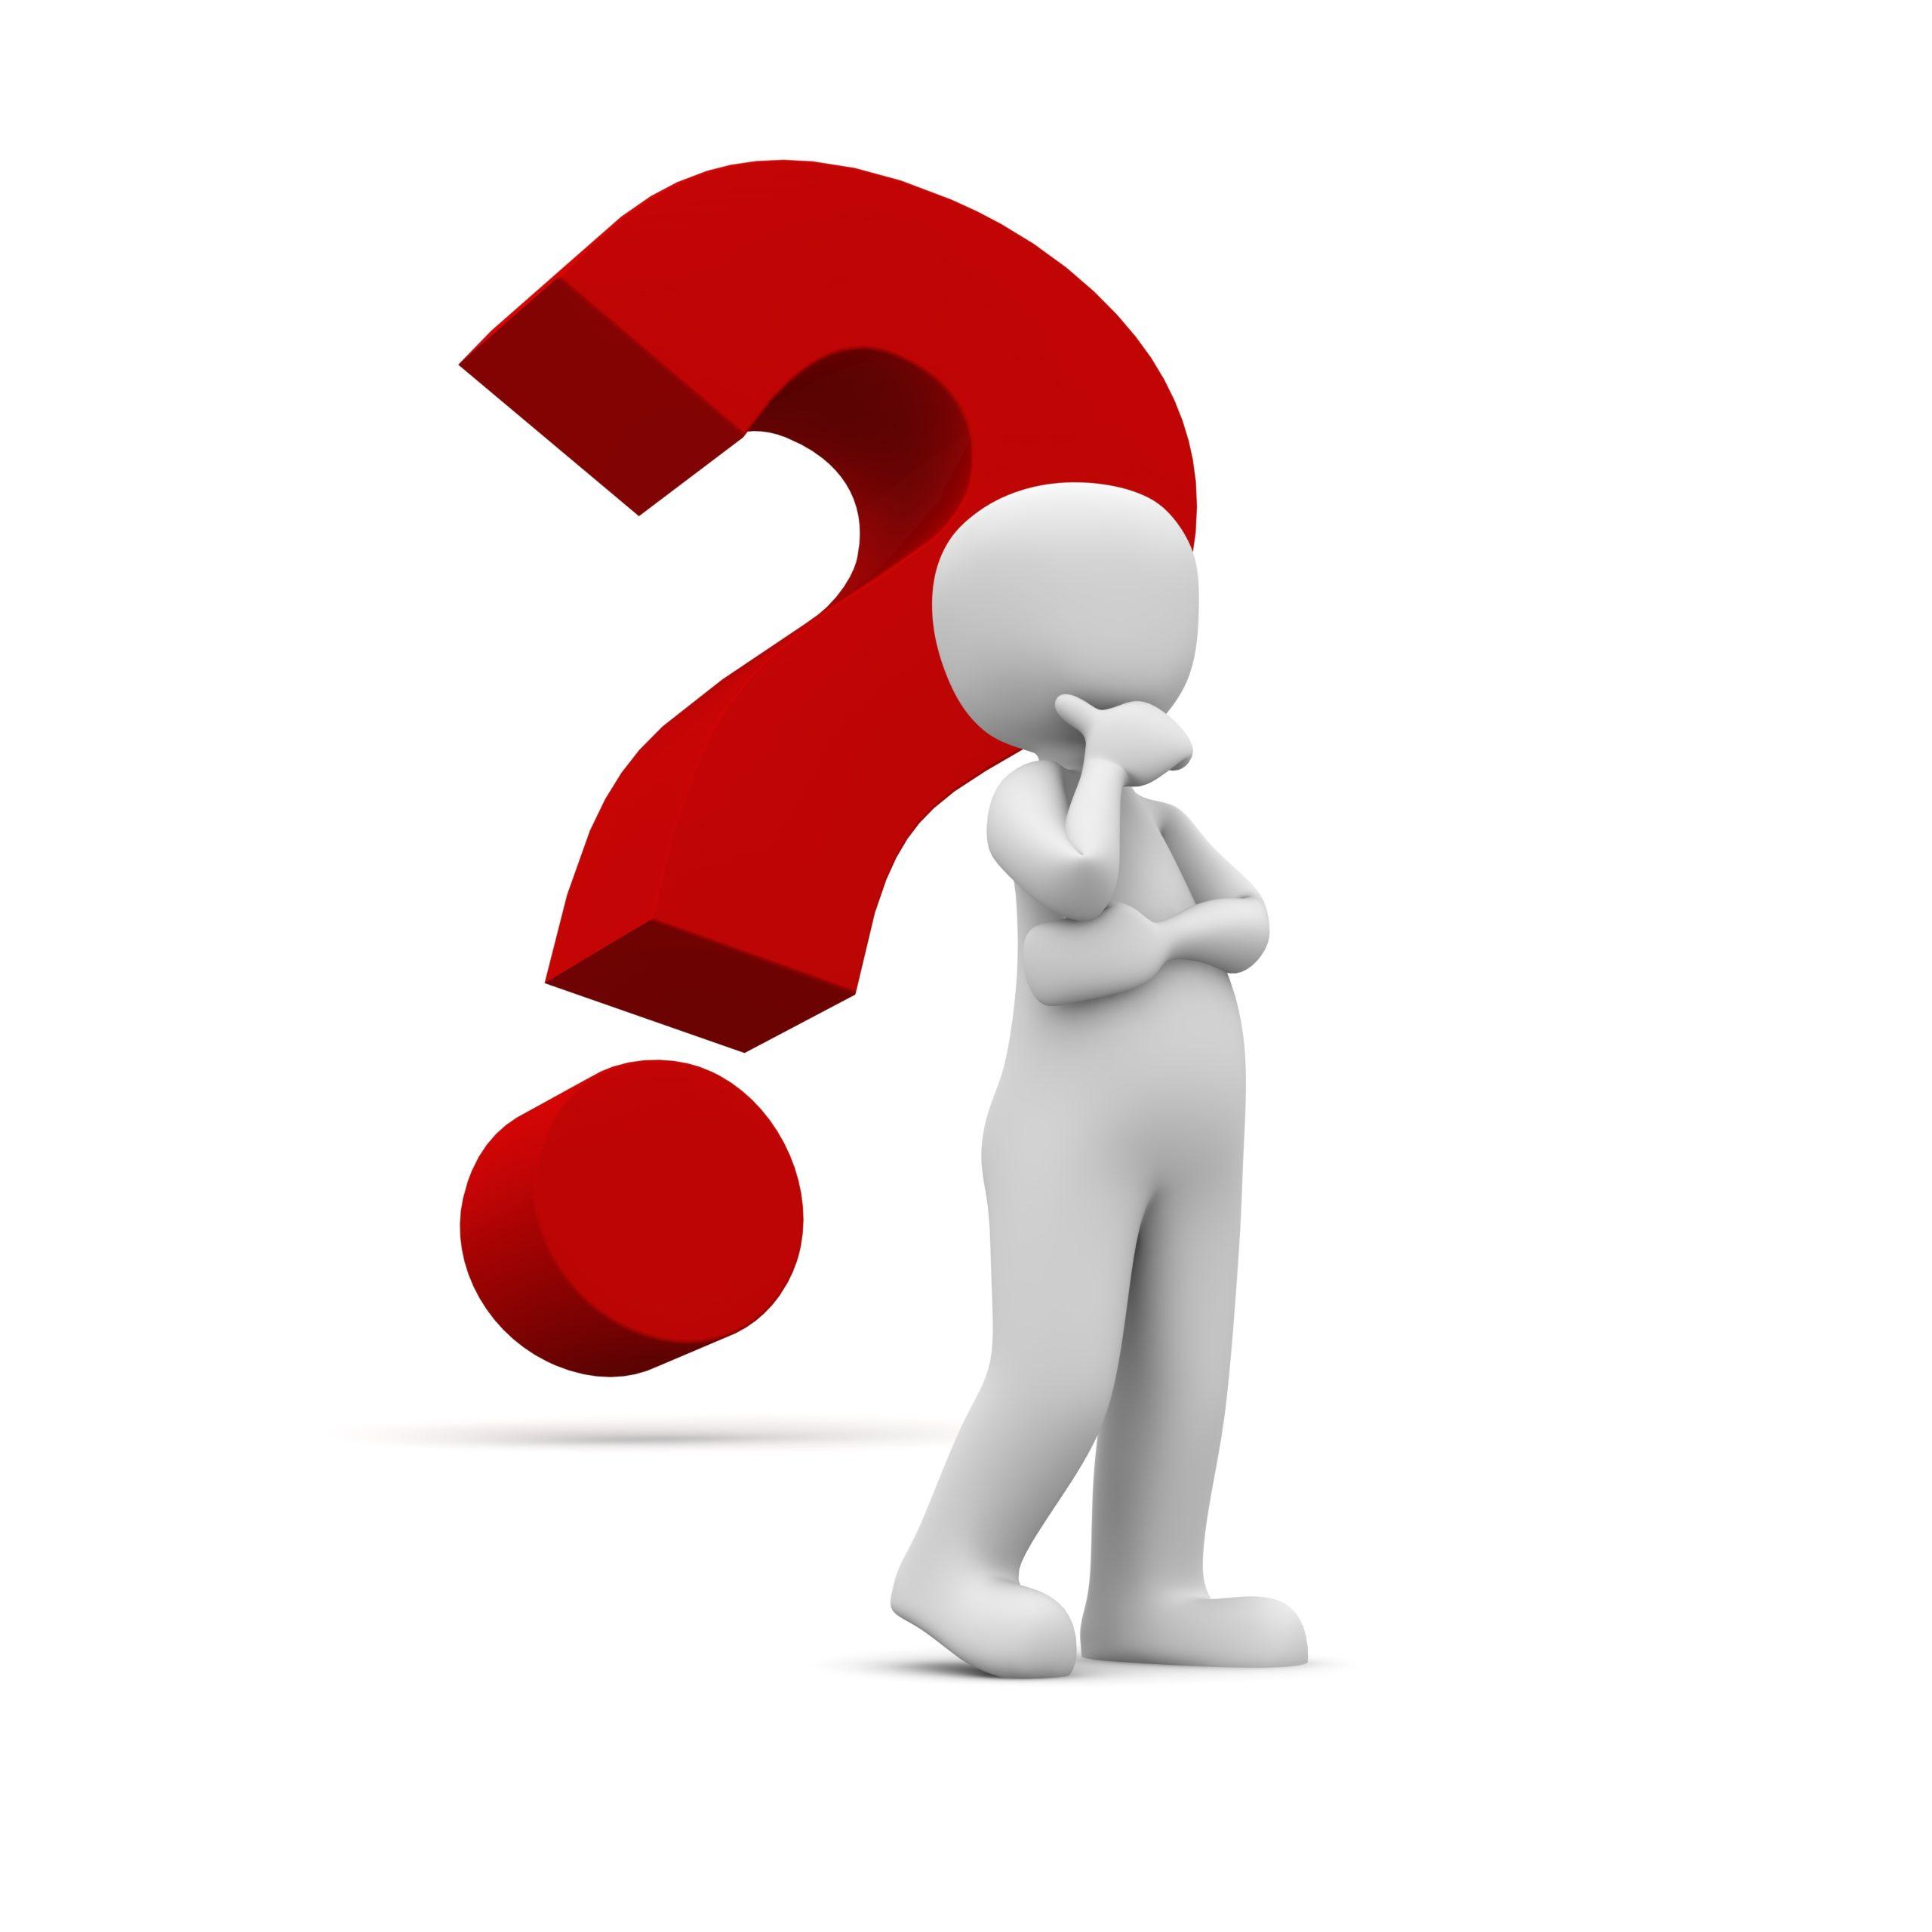 Nachdenklicher Dummie vor Fragezeichen als Symbol für nicht genanntes Thema oder weitere Fragen